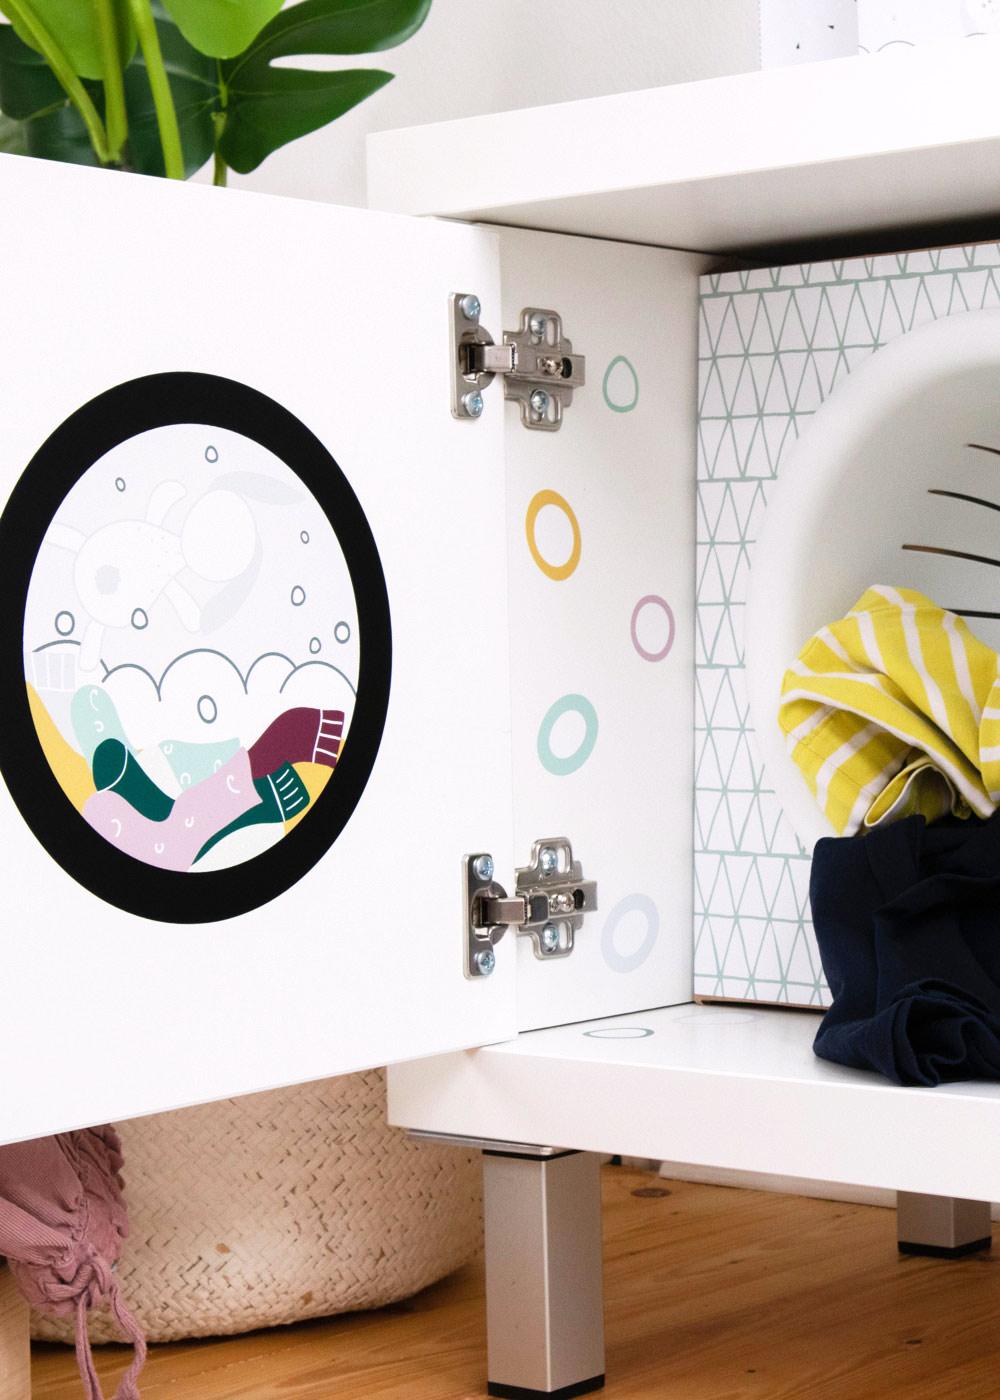 Kinderwaschmaschine Saubafix Teilansicht Waschmaschine innen